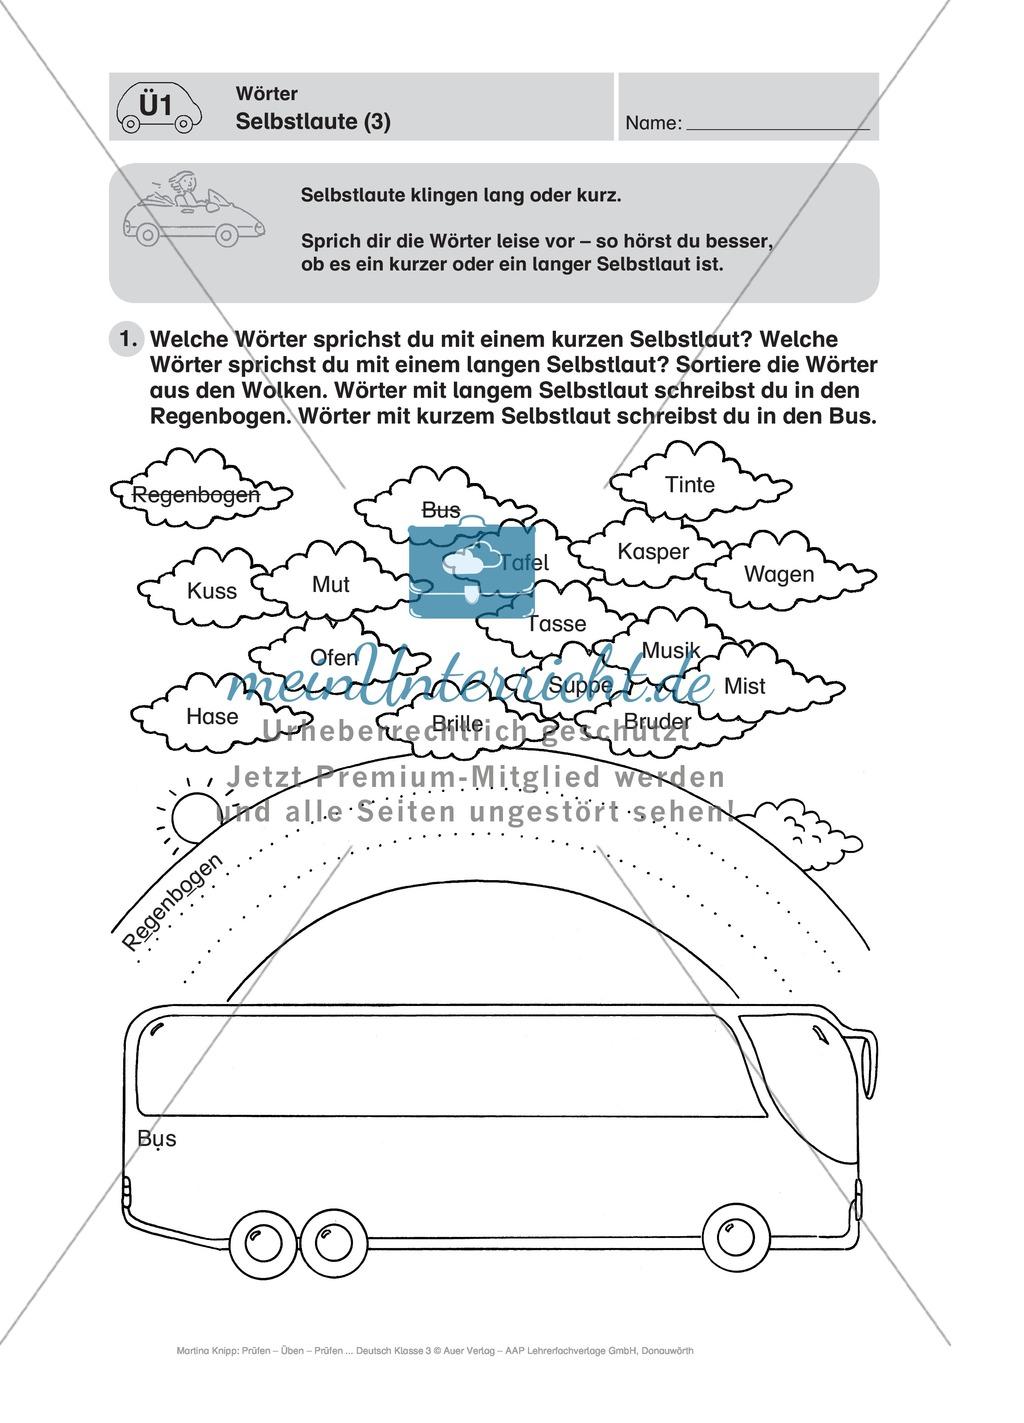 Wörter, Selbstlaute: Führerschein-Übungsaufgaben und Lösung Preview 2